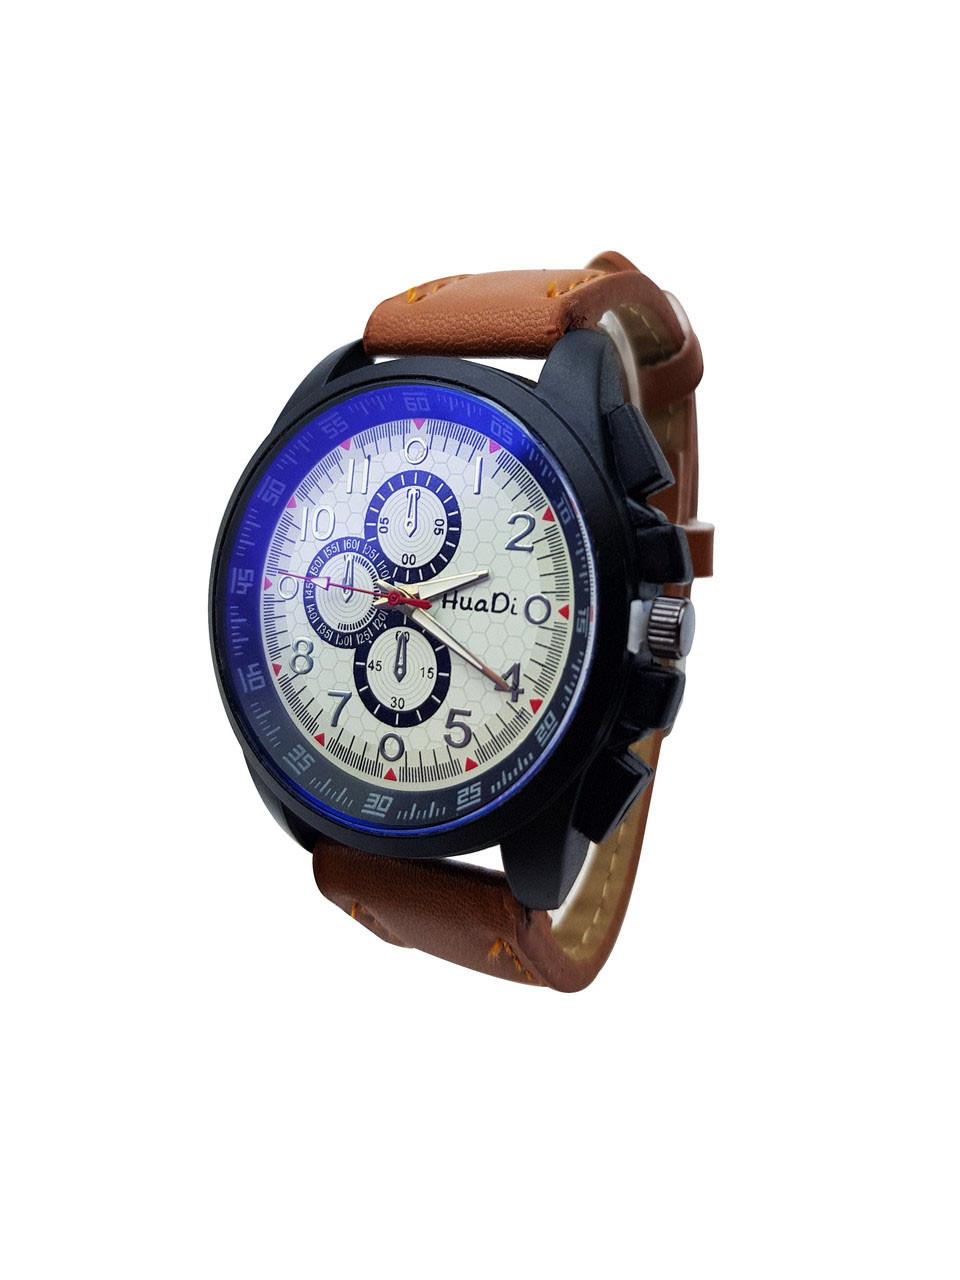 a4131b37cb58 Часы наручные мужские стильные кварцевые HuaDi, Коричневый цвет, Белый  циферблат, ...